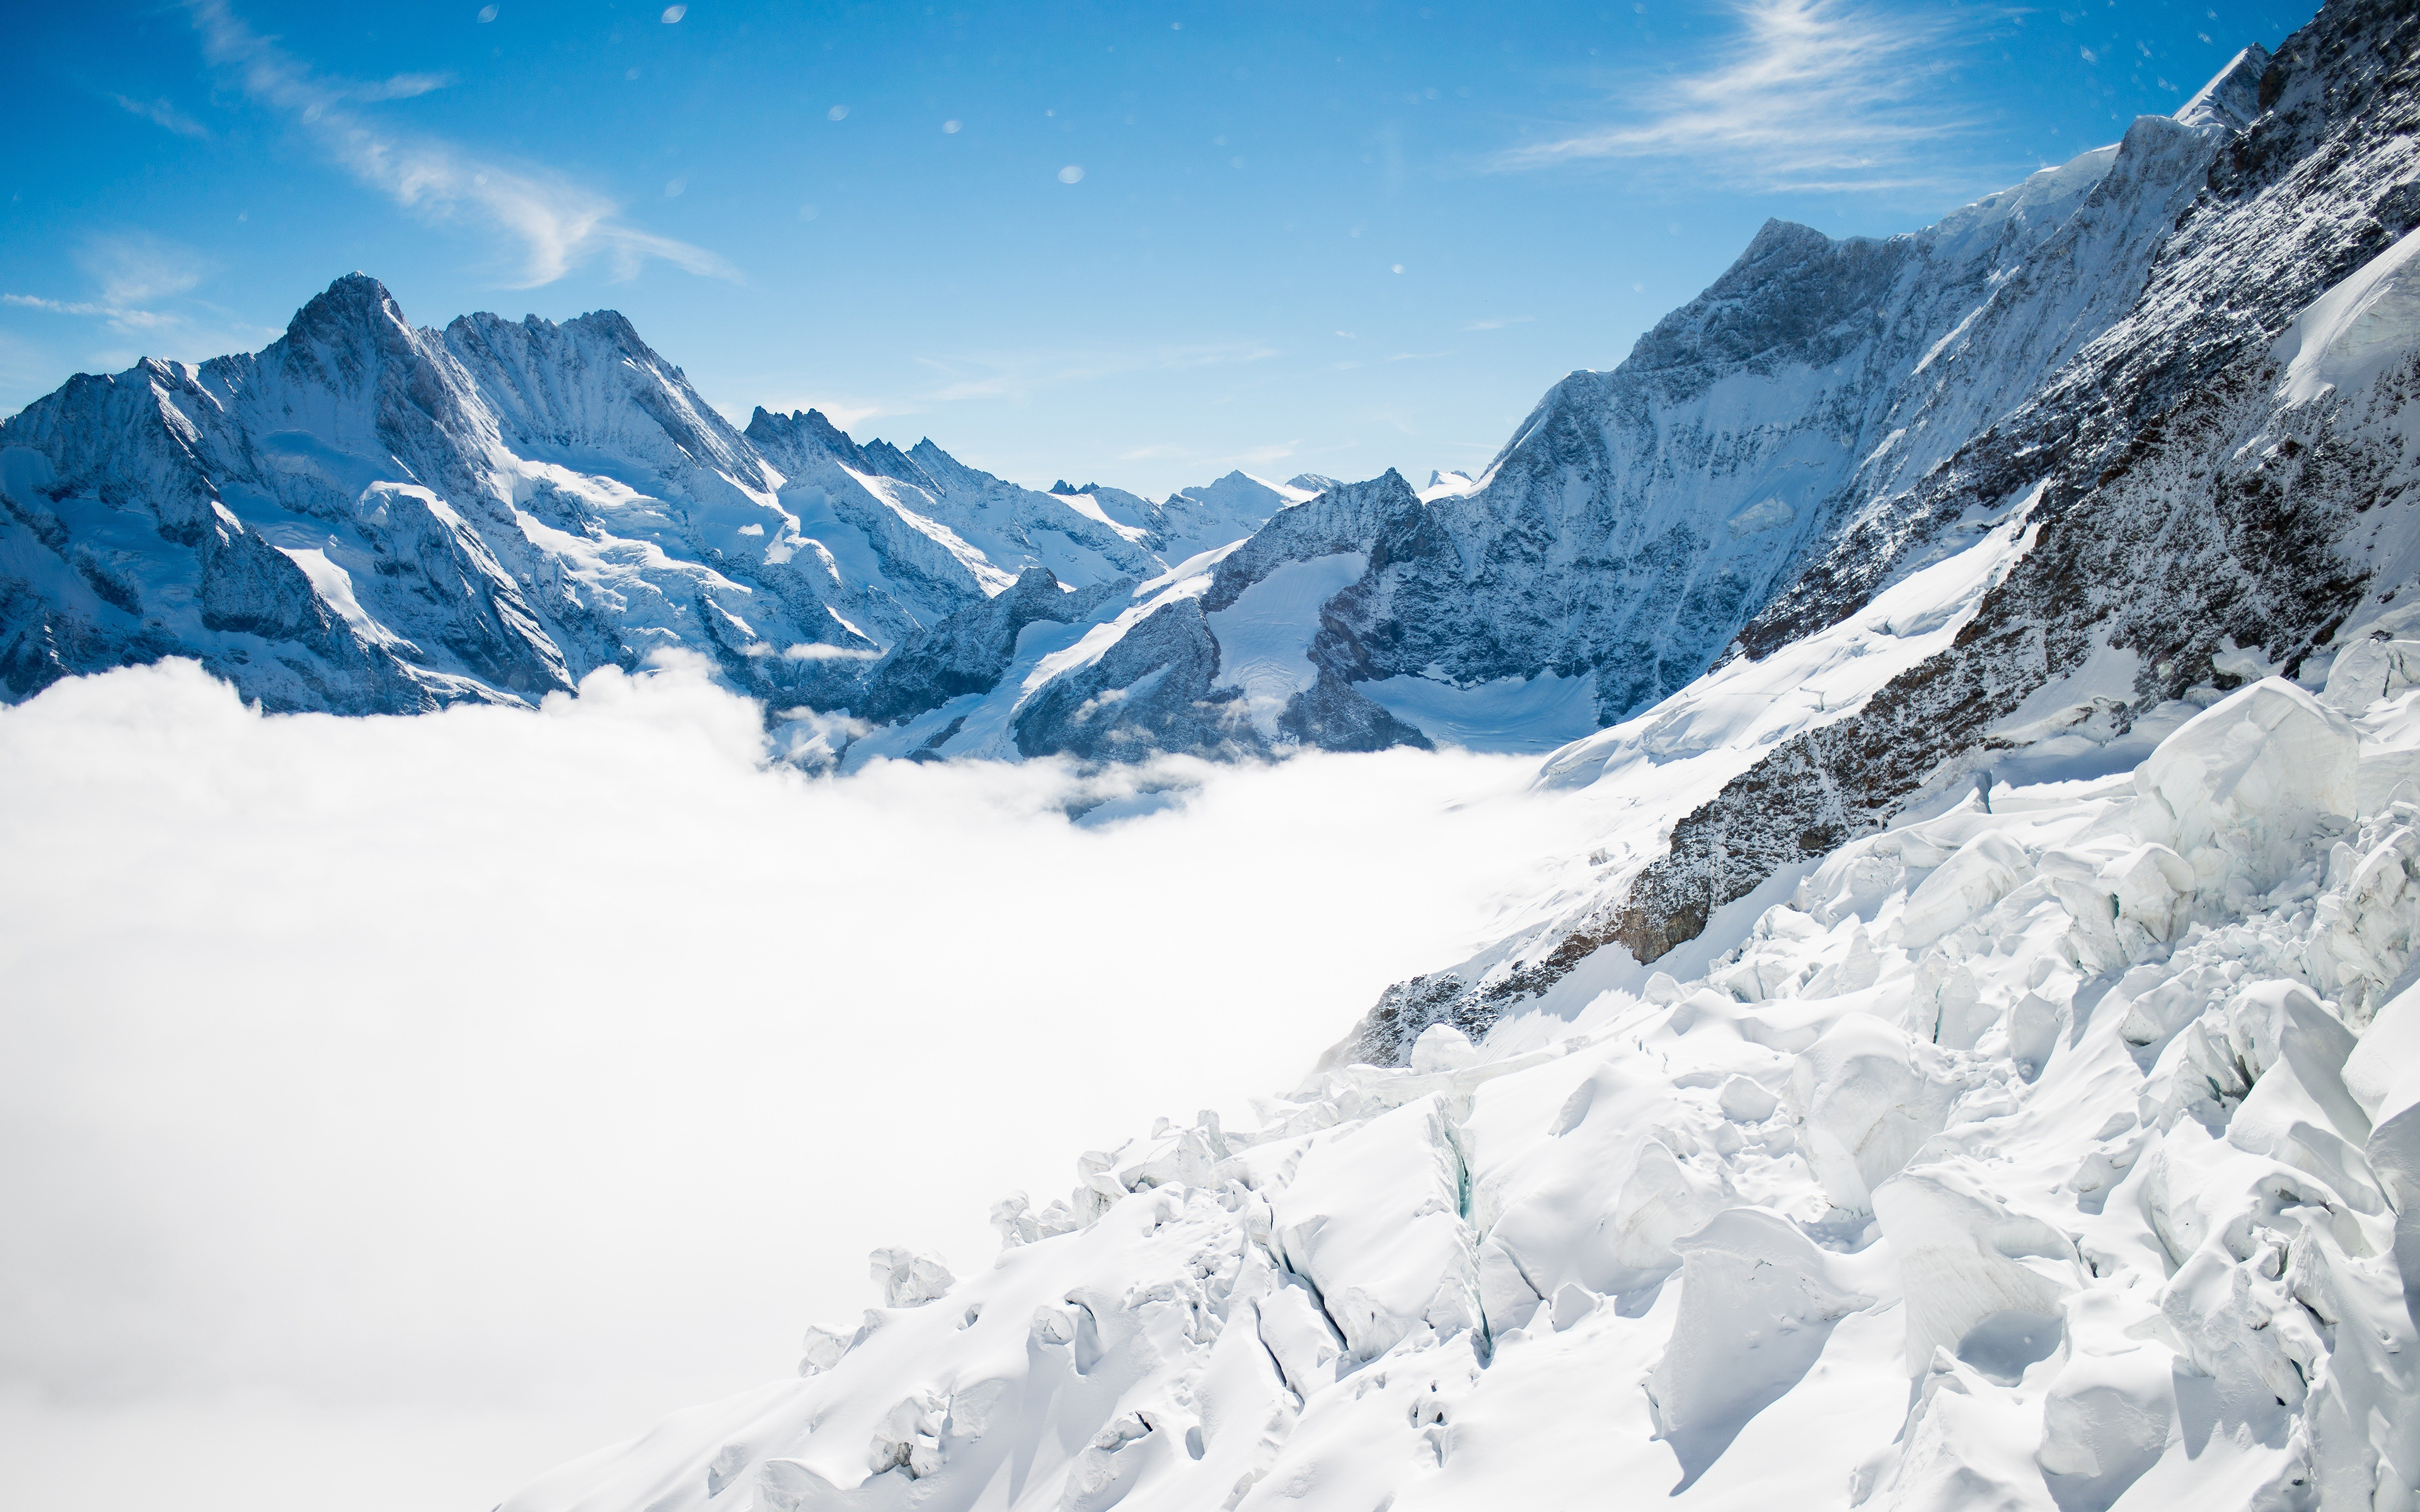 Позы для фотосессии на фоне горы что акустикой